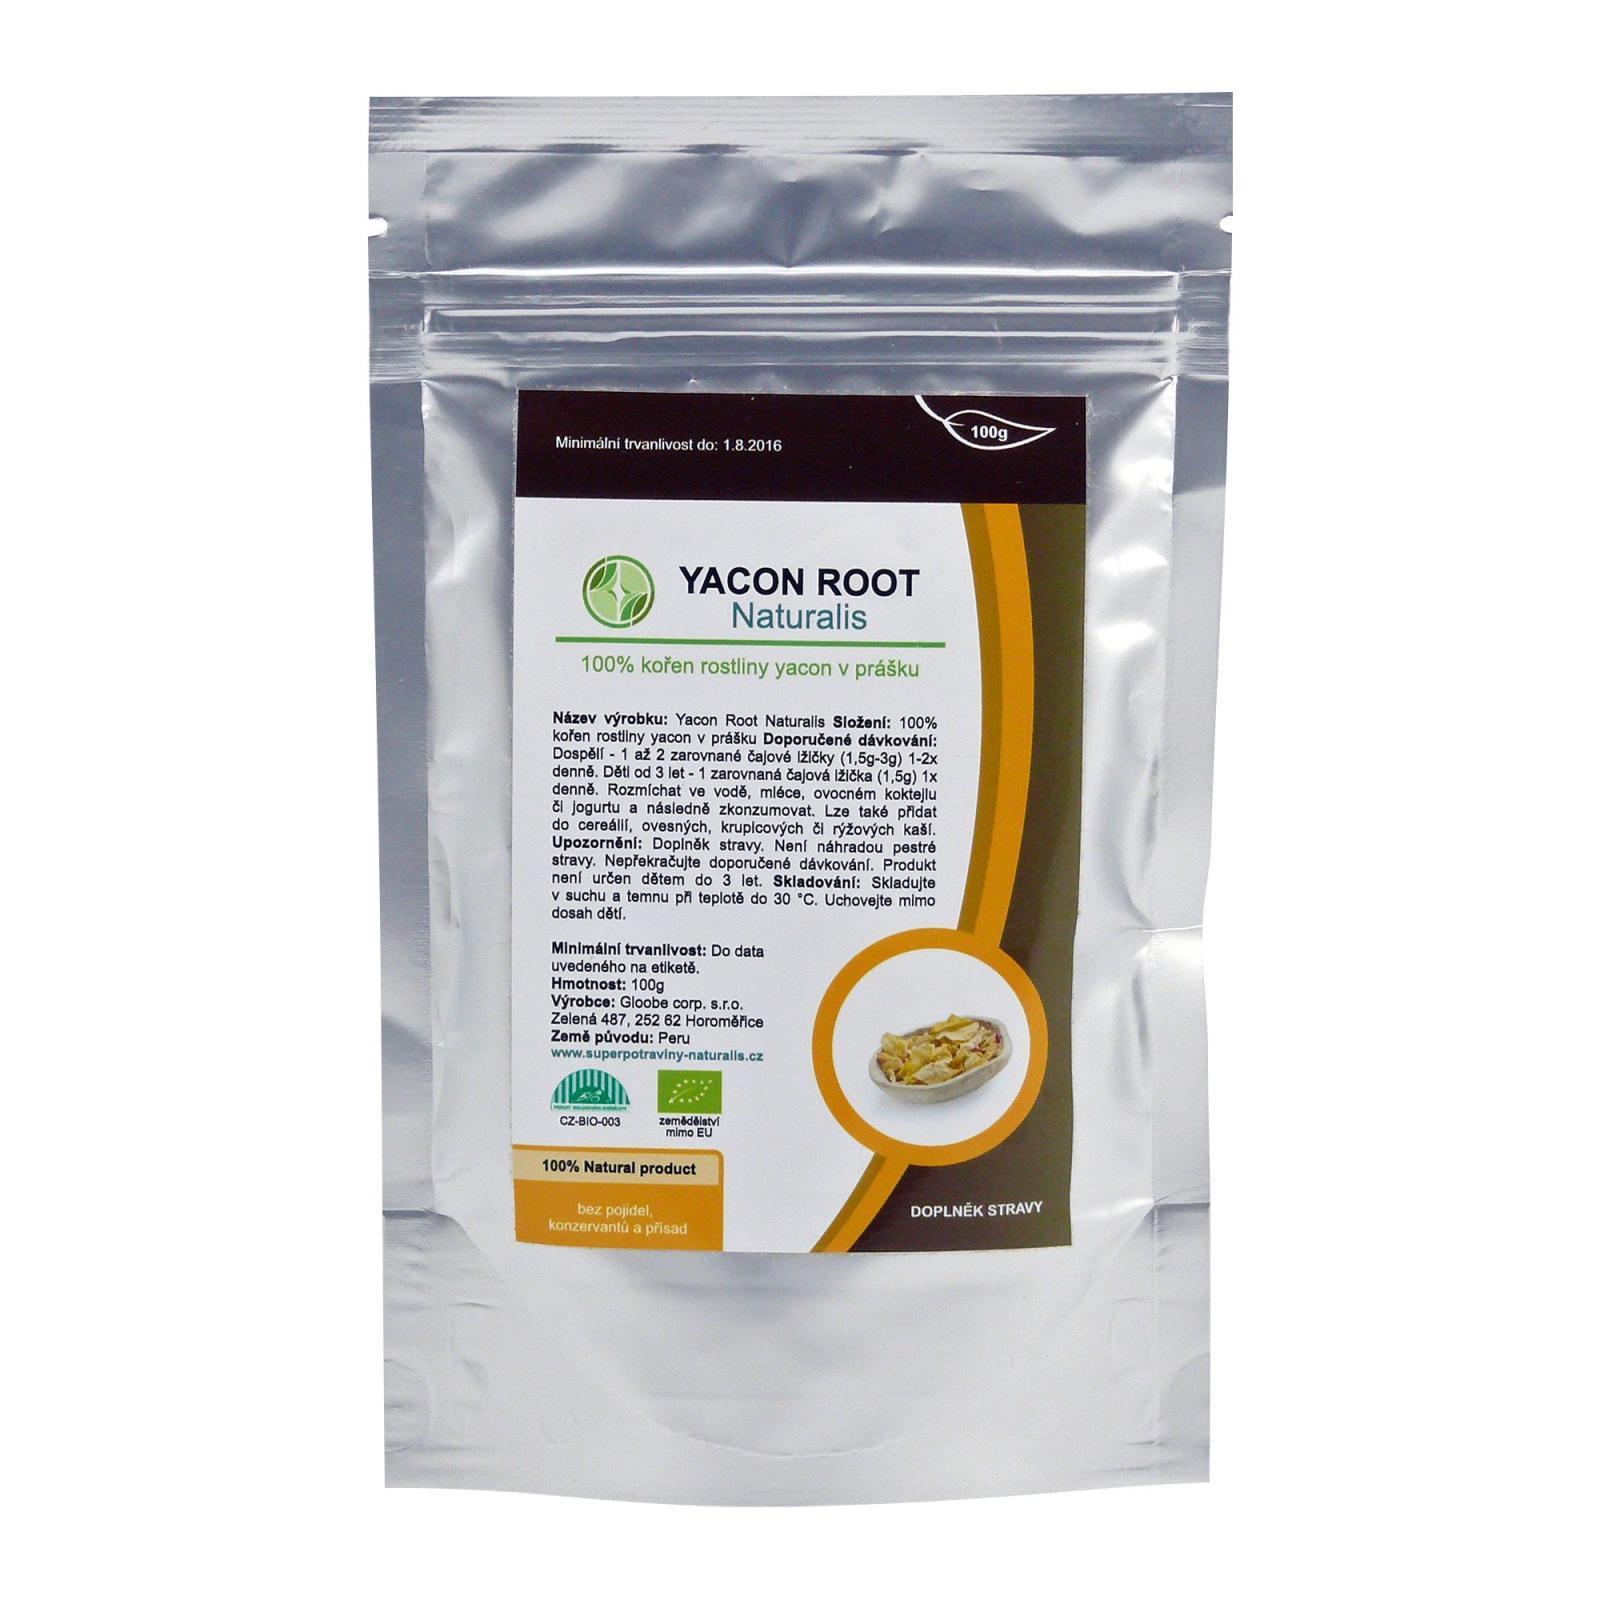 Naturalis Yacon Root 100 g